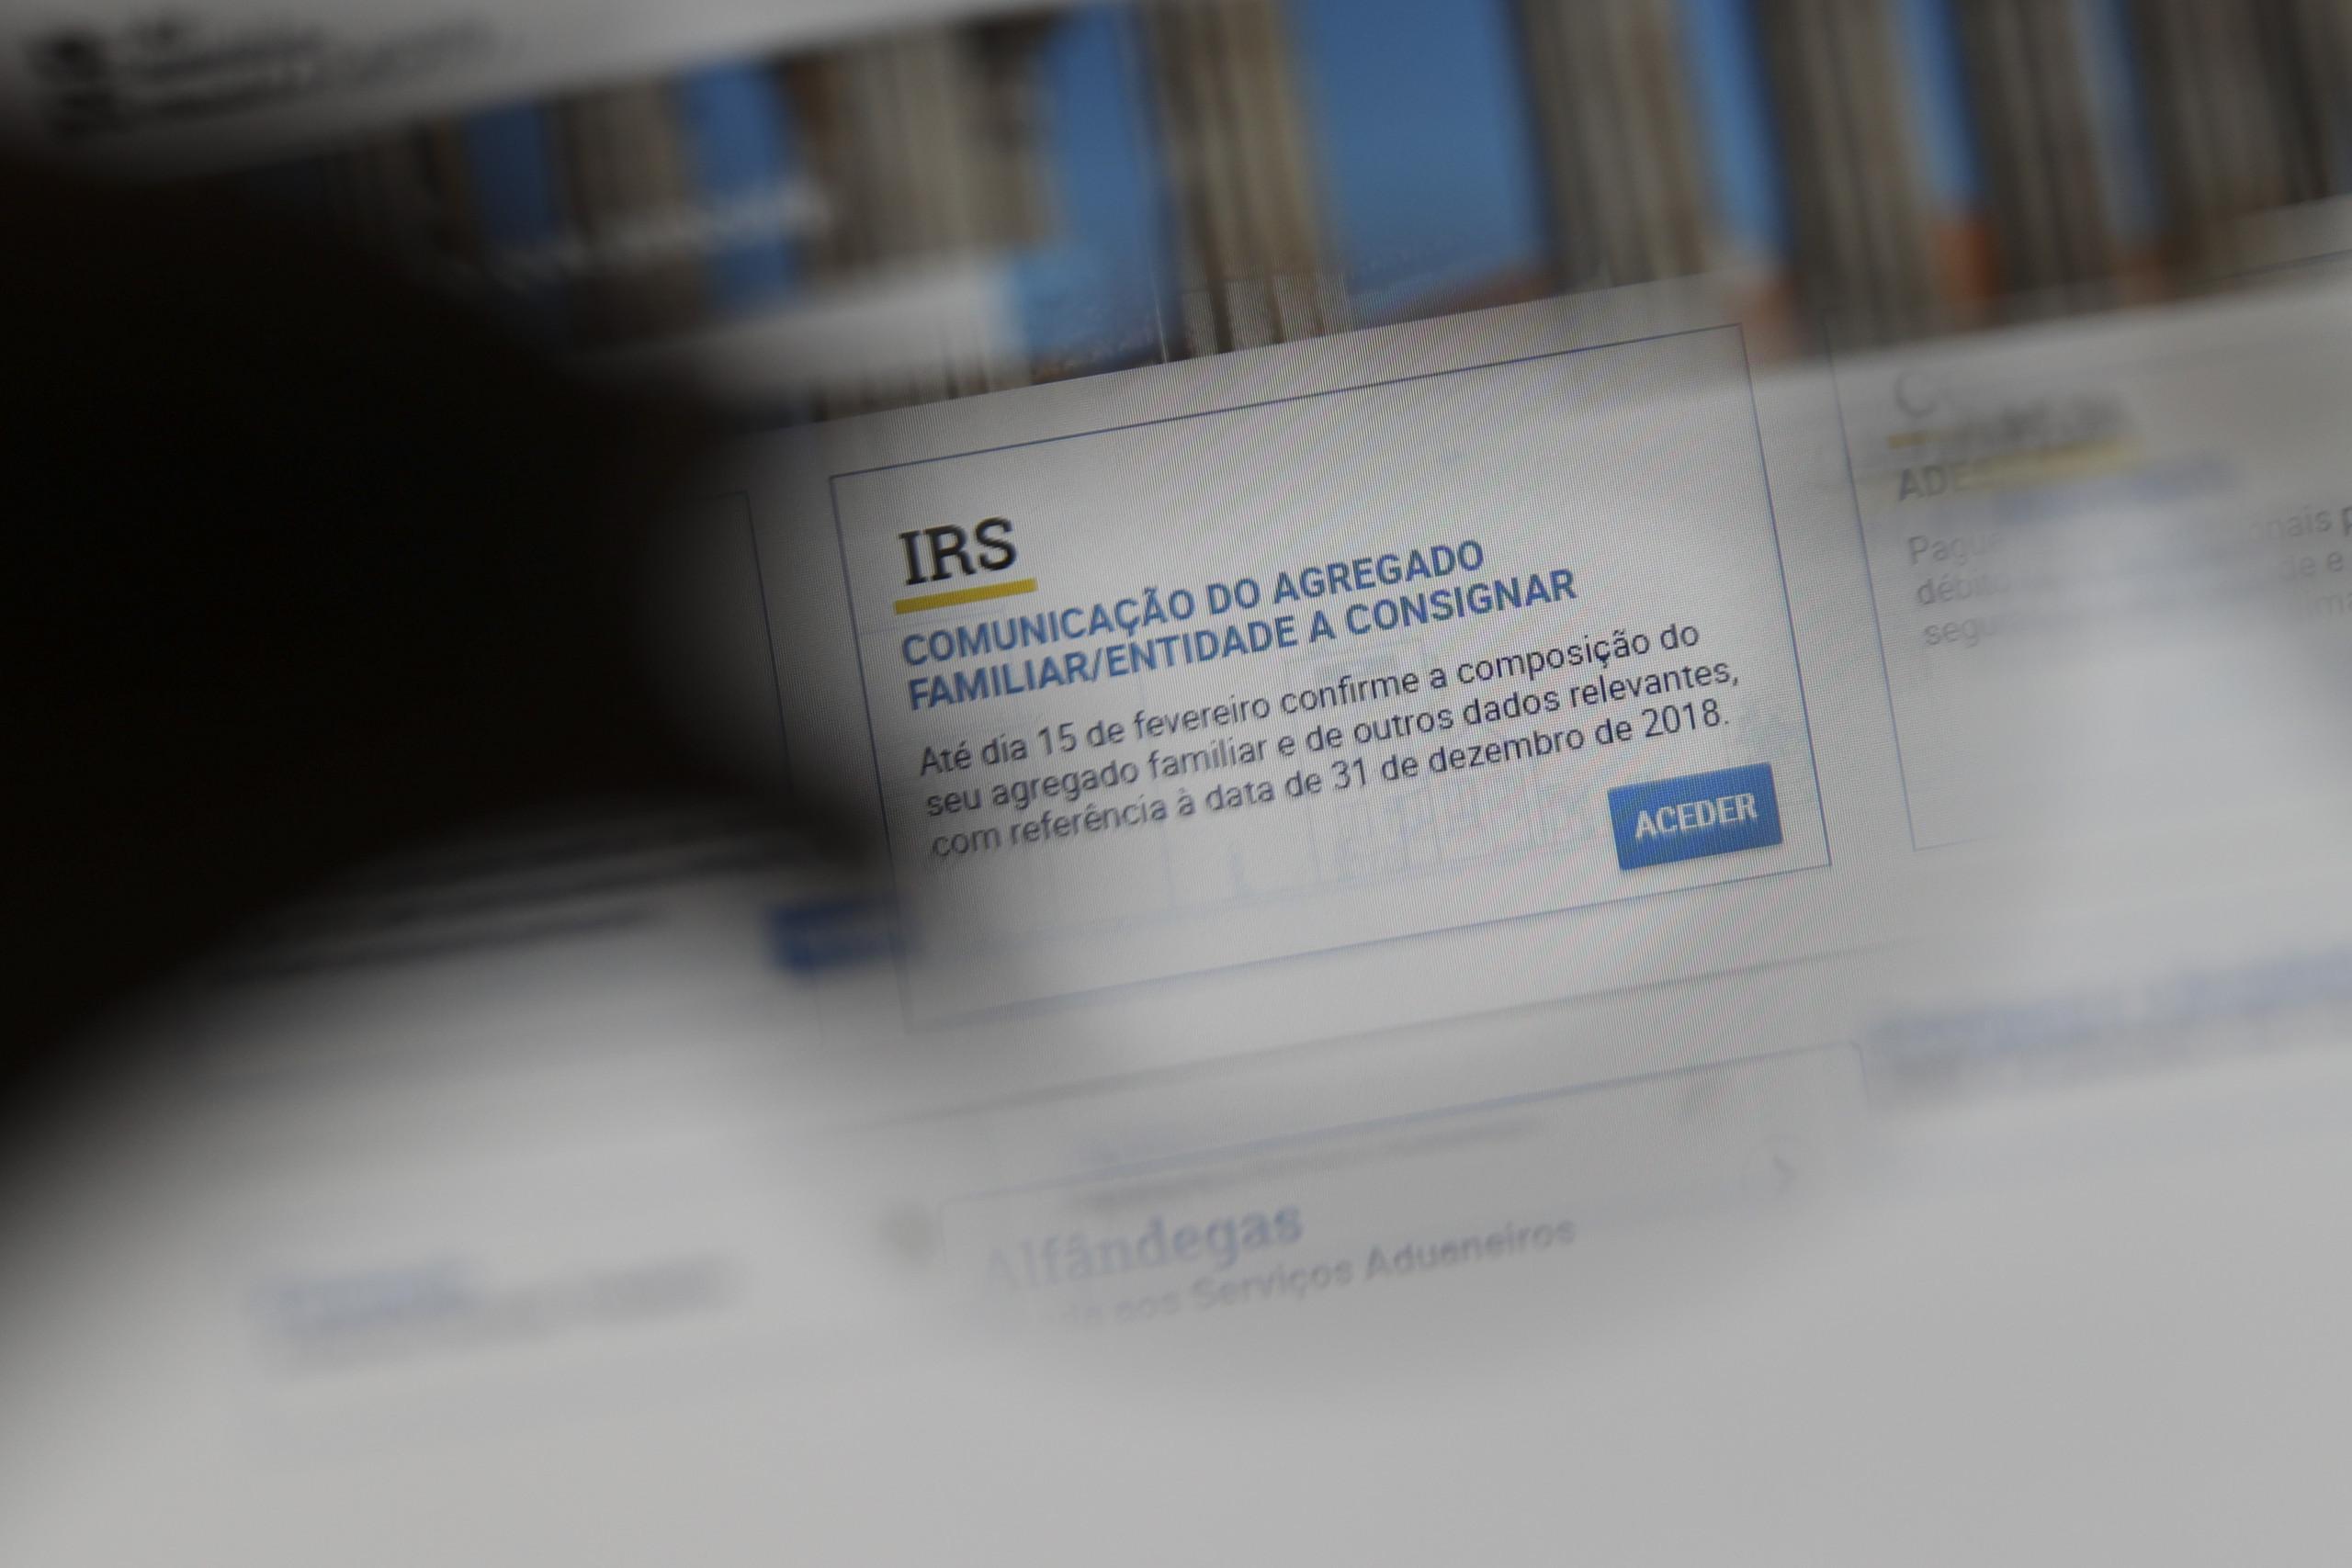 Pensões originaram 90% das queixas de IRS à Provedoria de Justiça